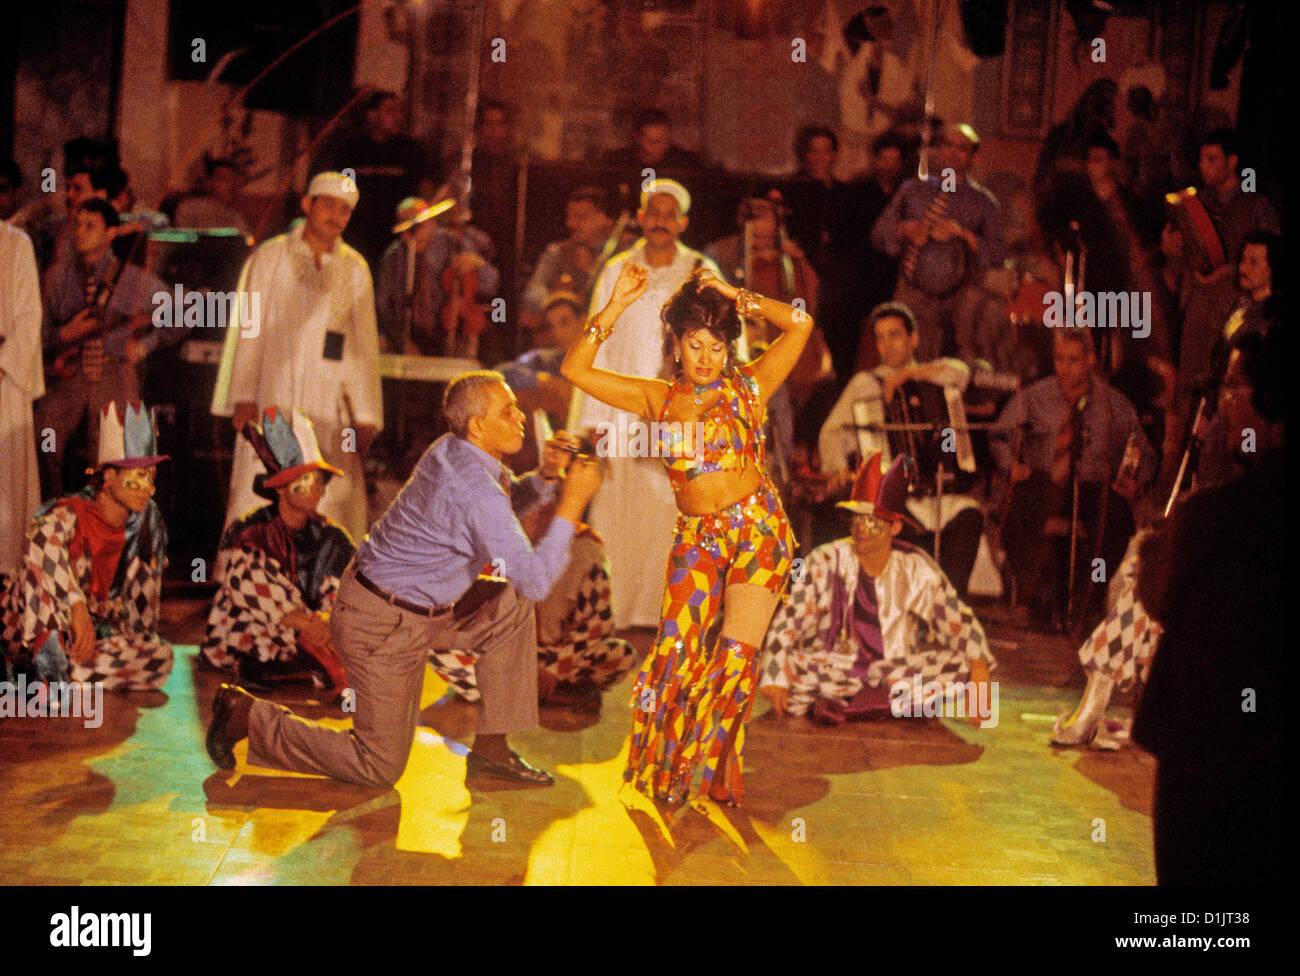 Egipto El Cairo Belly dancer Dina en el Cairo Marriott - Stock Image